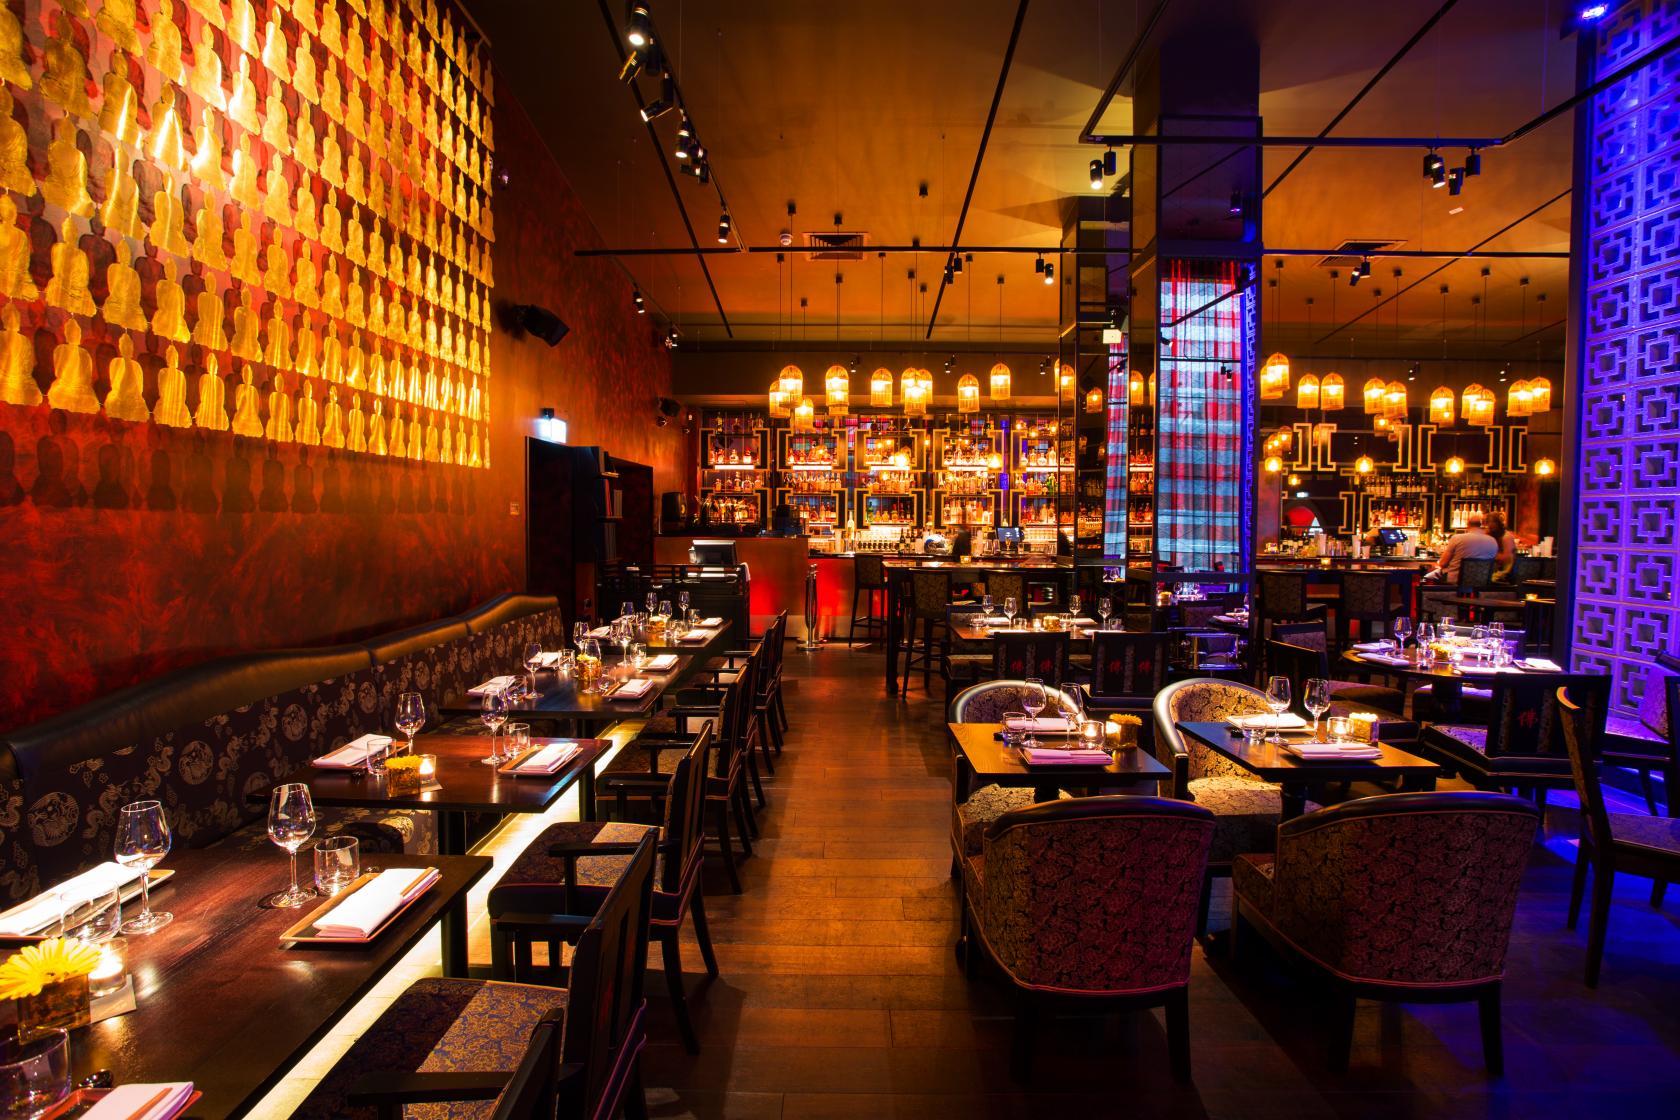 Buddha-Bar London for Private Venue Hire - Tagvenue